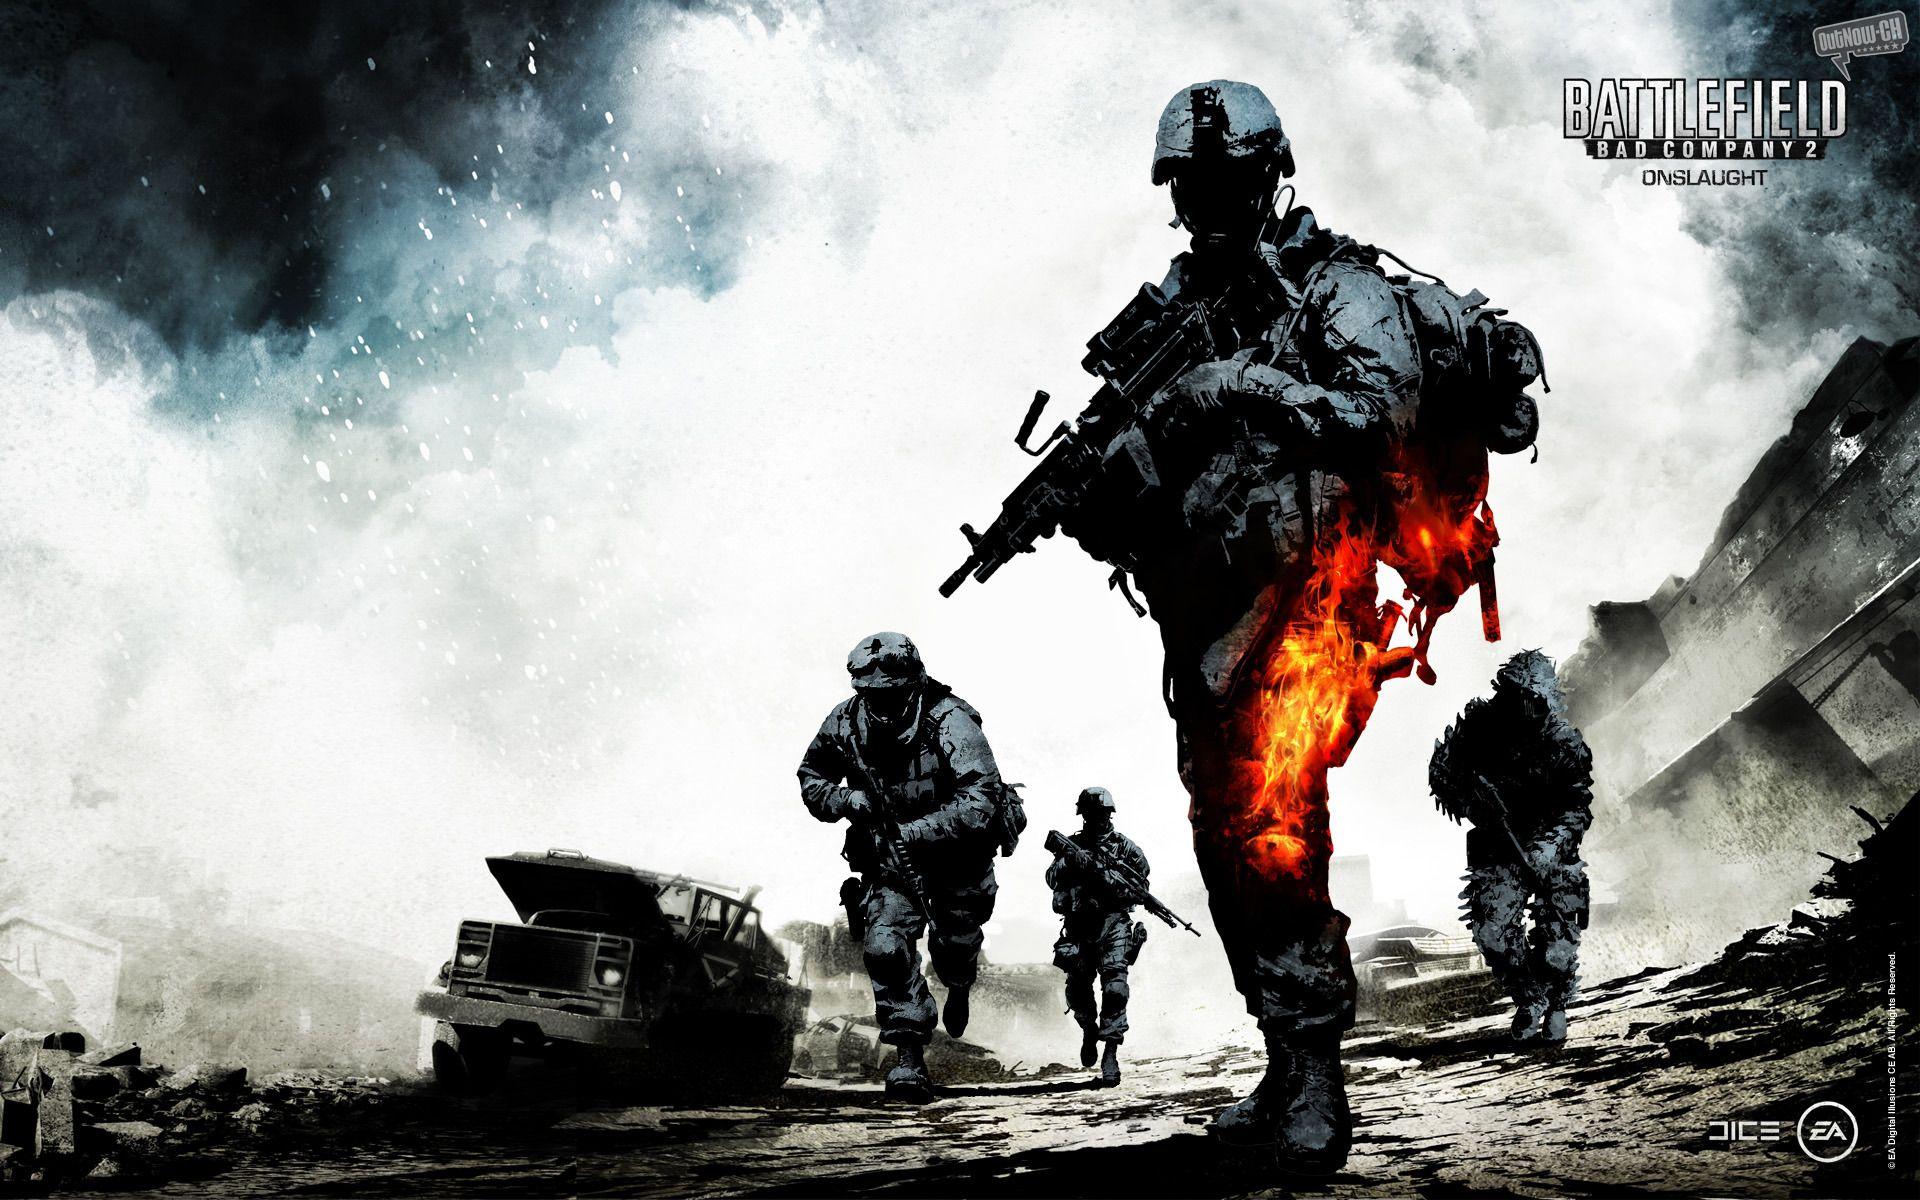 Battlefield 2 Wallpapers Full Hd Wallpaper Search Gameshd